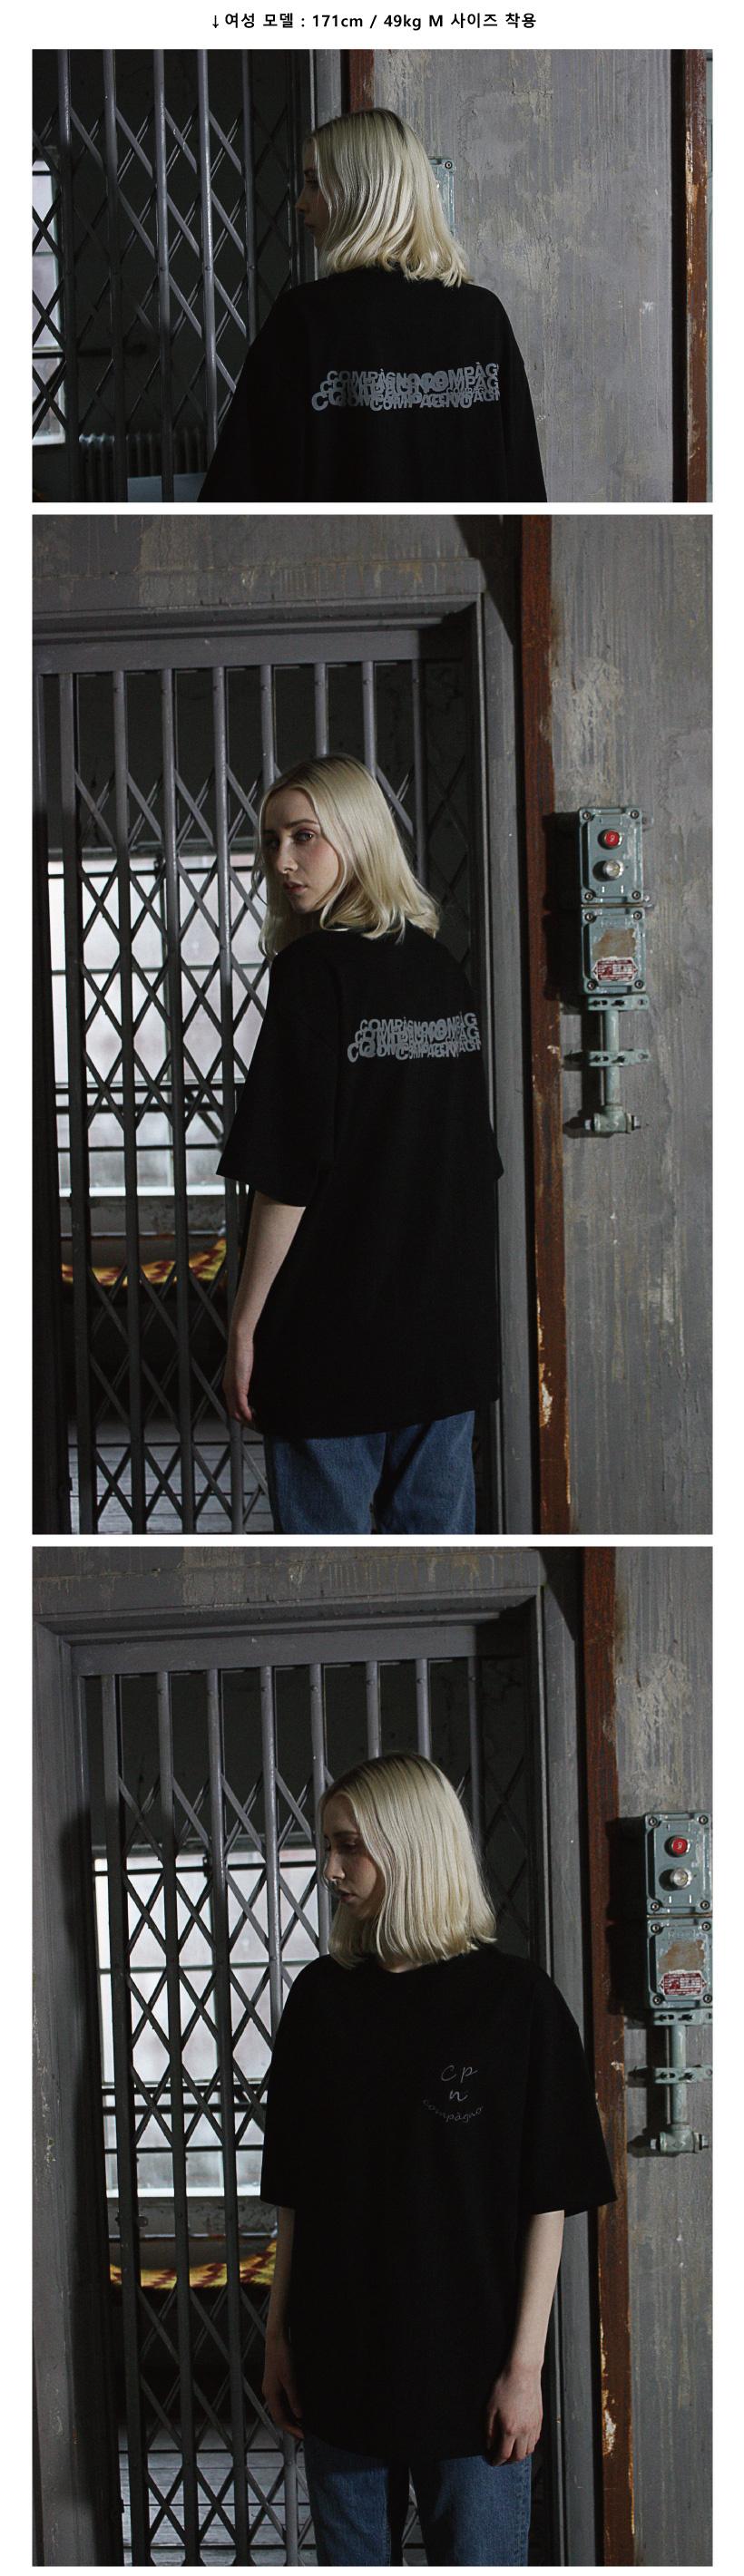 꼼파뇨(COMPAGNO) [20수] 헤비 오버핏 CPN 자수 로고 티셔츠 블랙